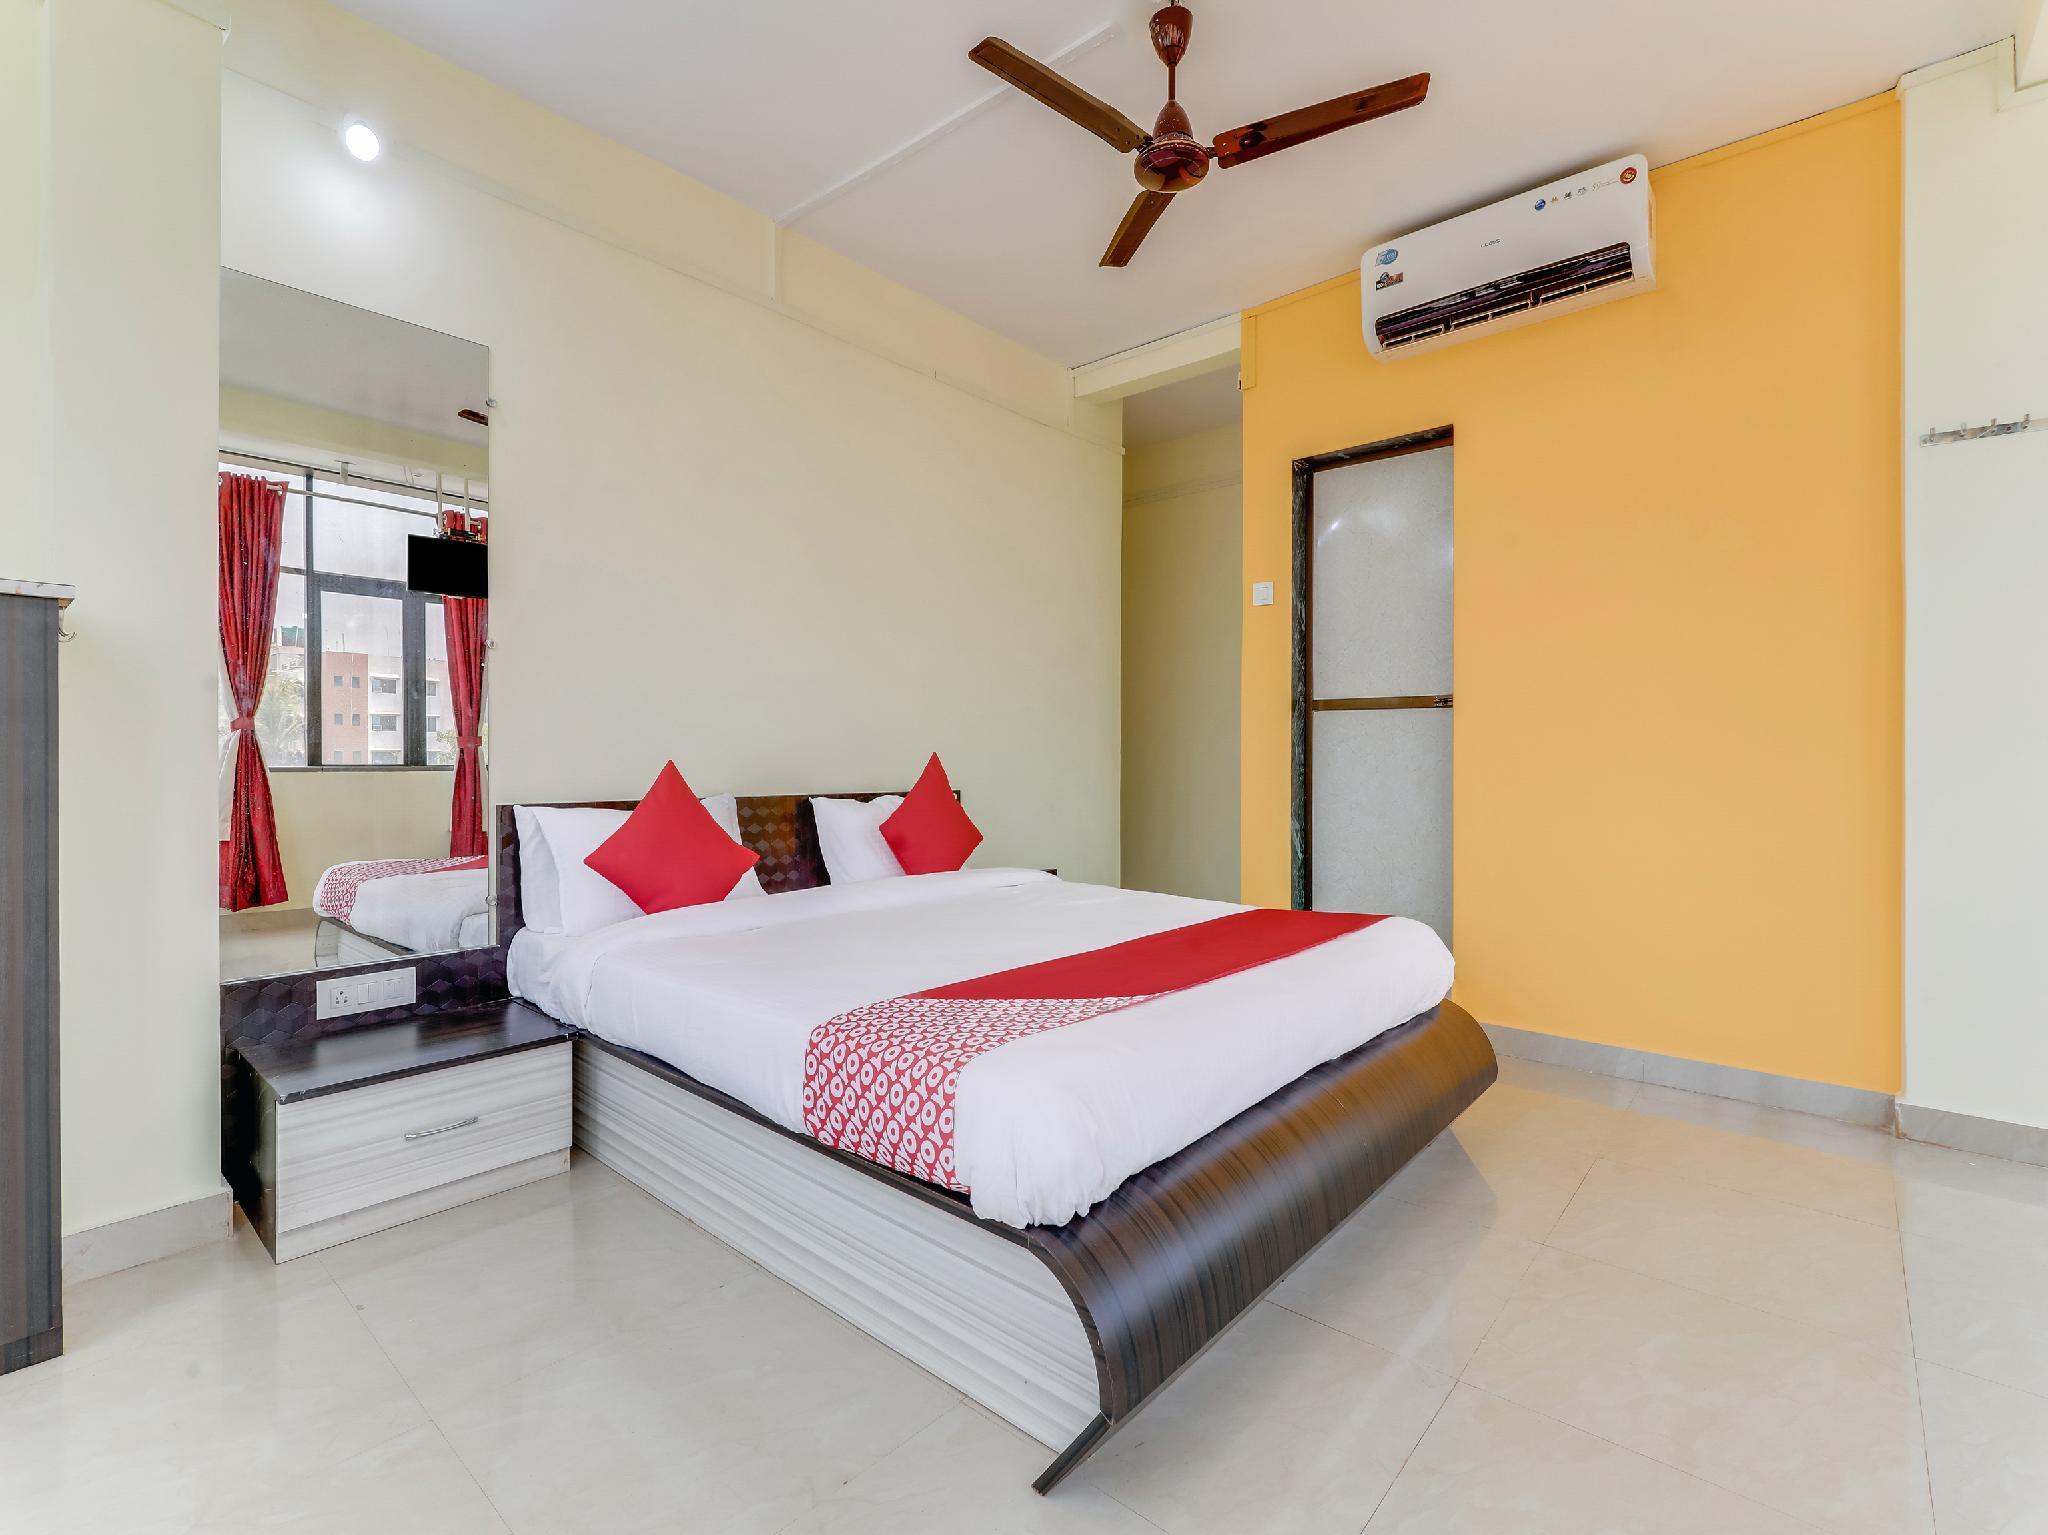 OYO 35940 Hotel Shree Swayambhu